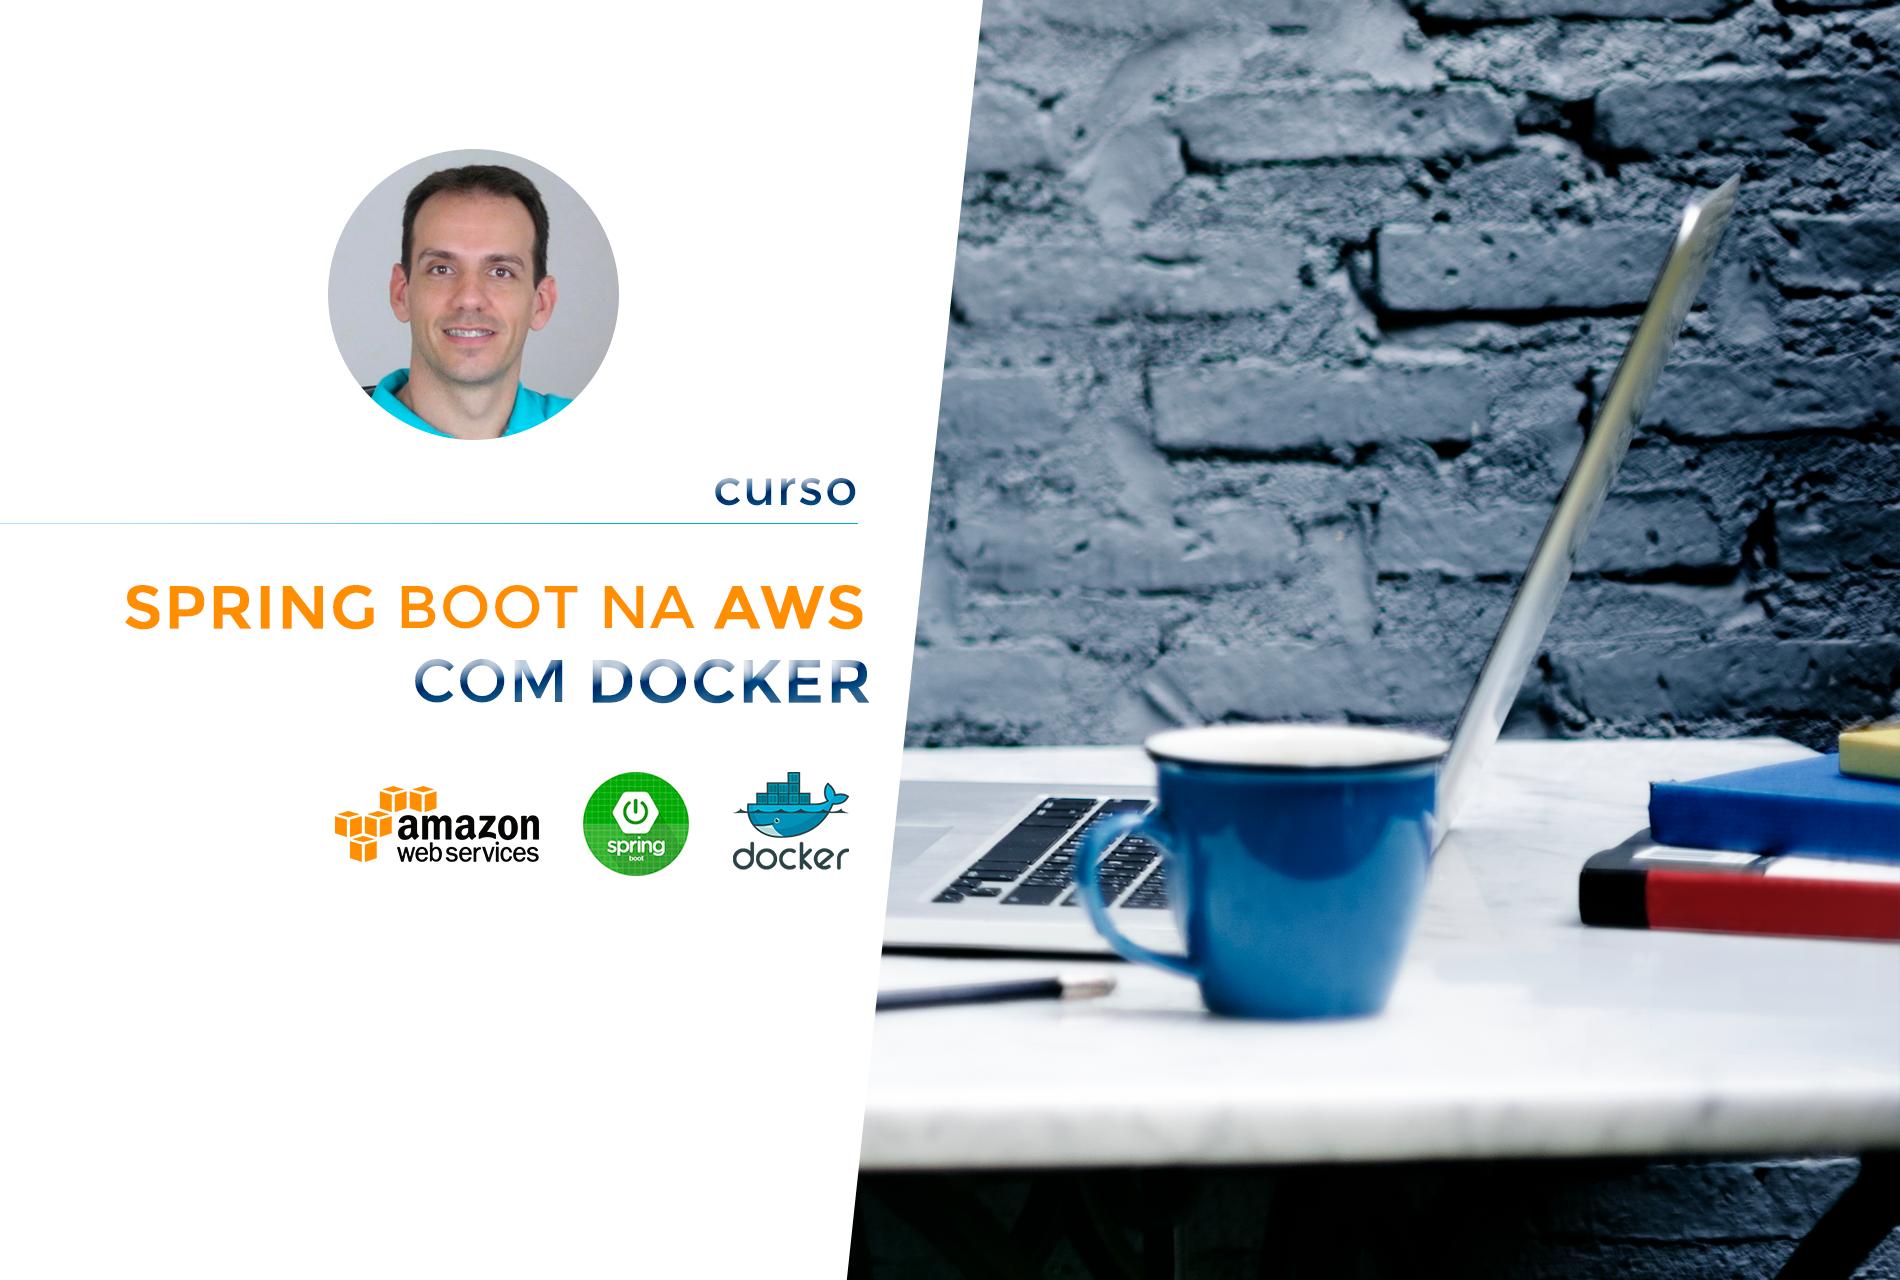 Curso Spring Boot na AWS com Docker